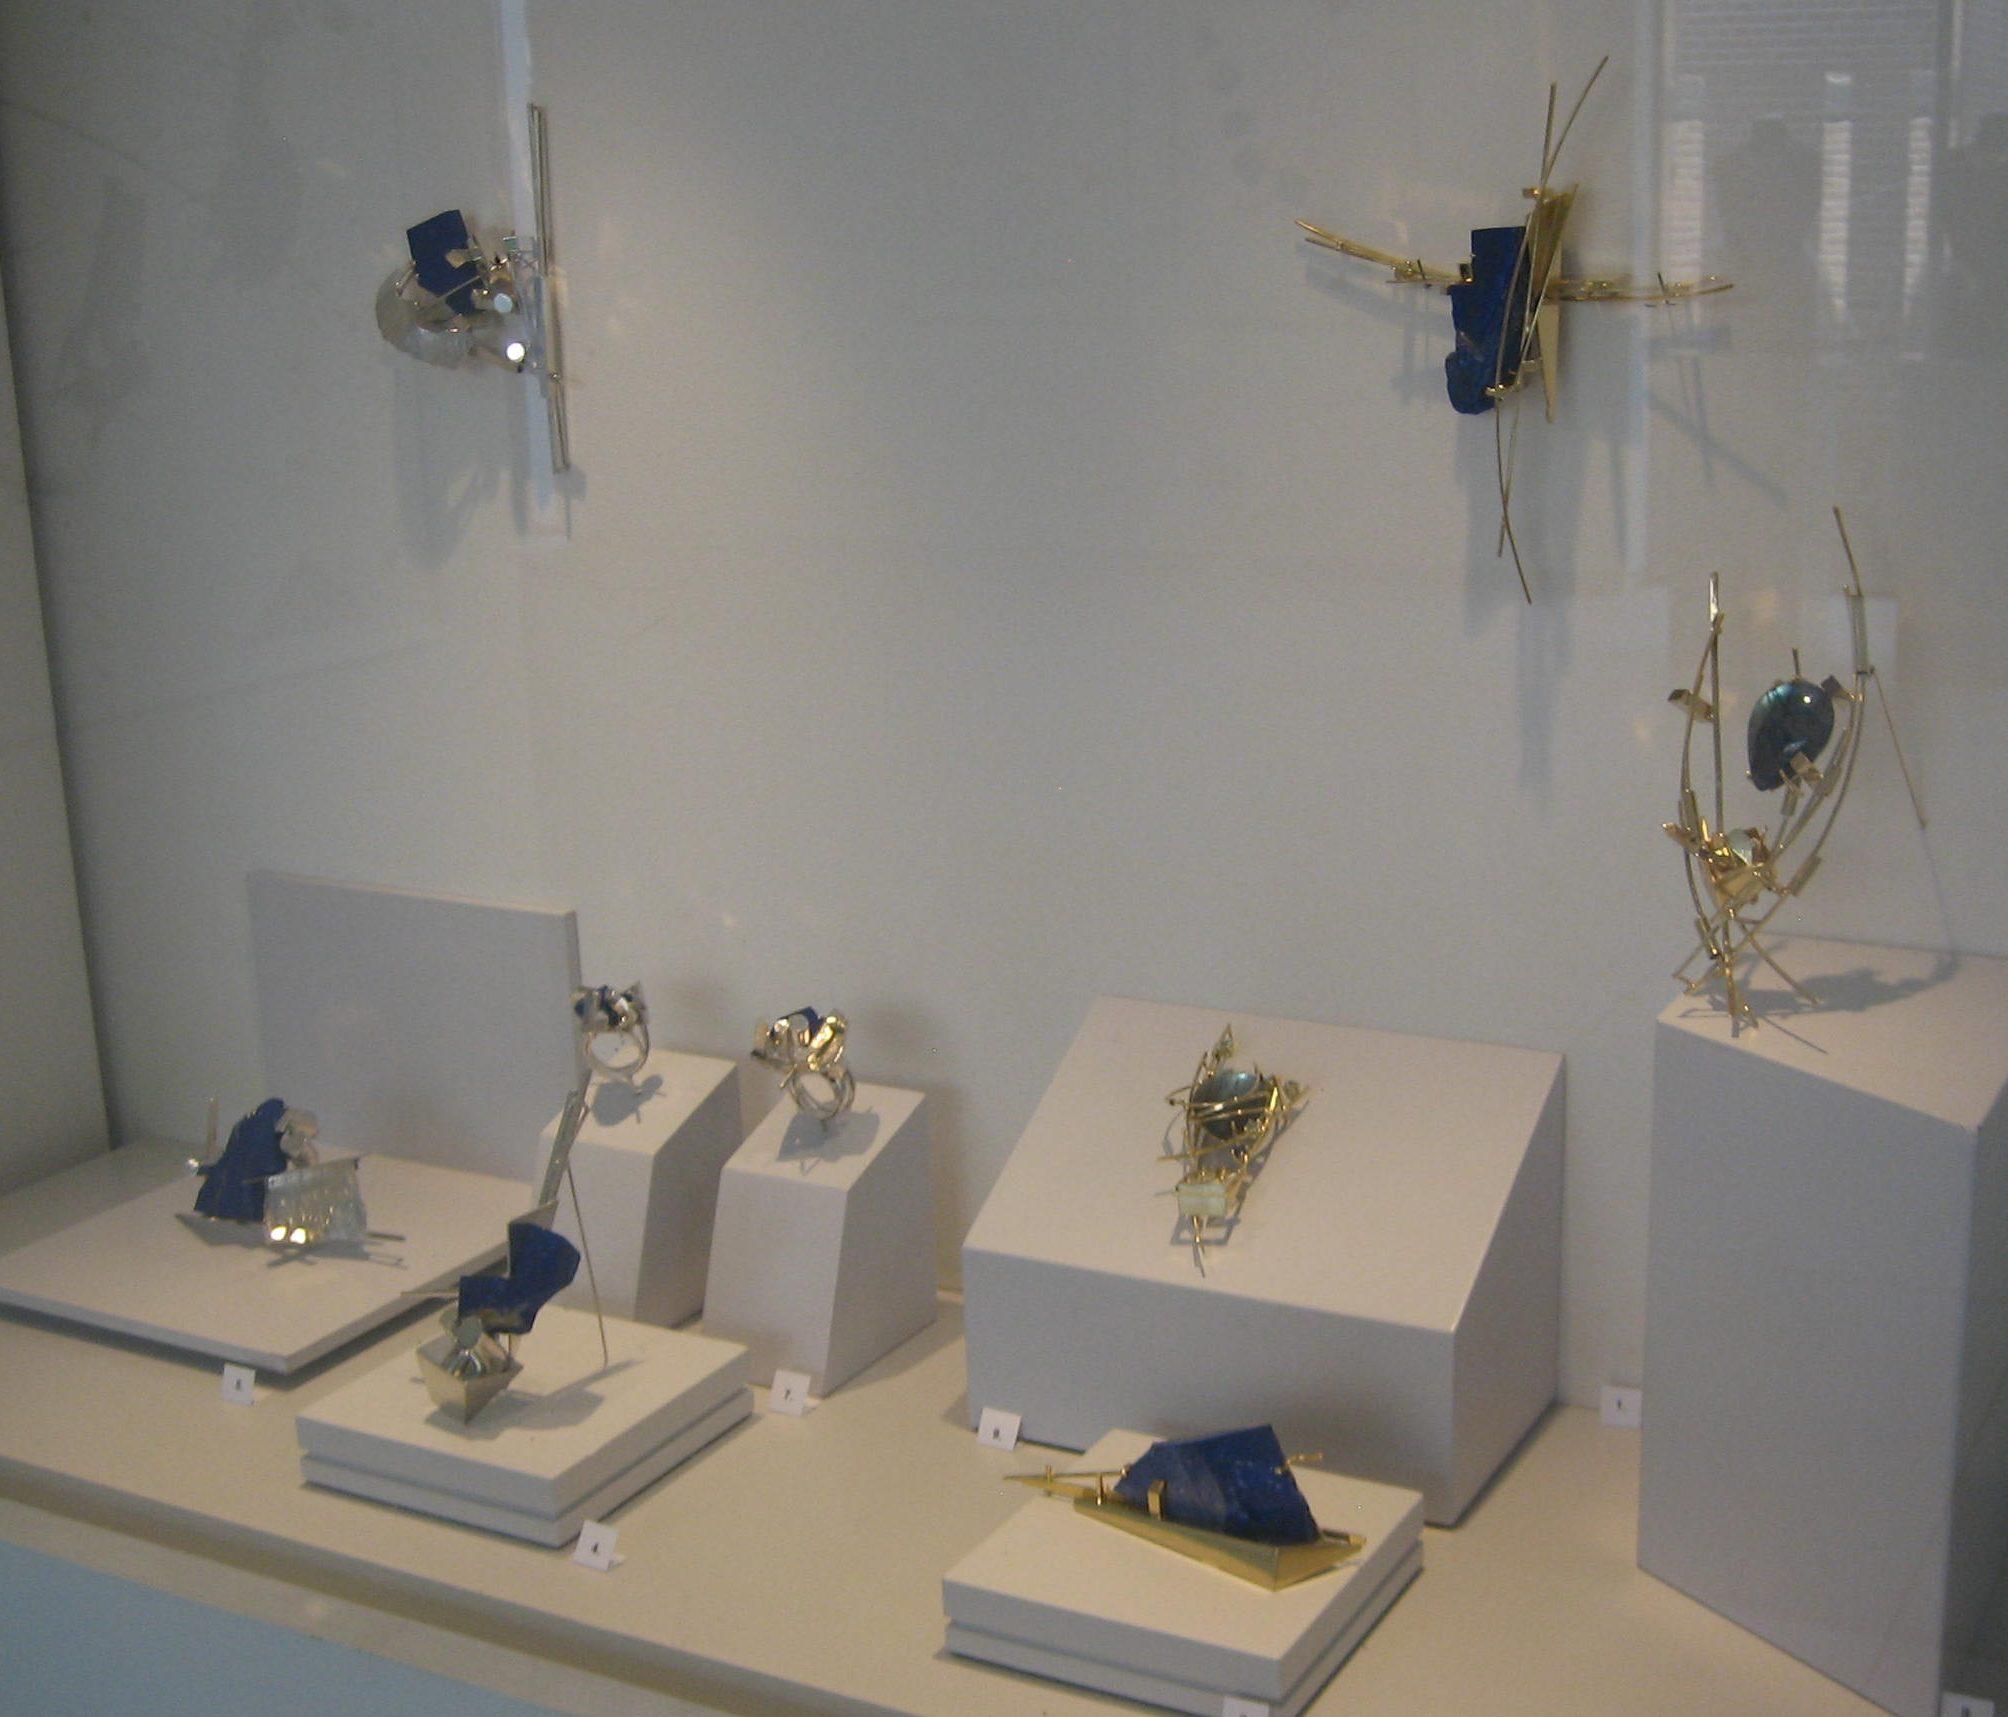 Anneke Schat in Museum Van der Togt, 24 februari 2019. Foto Esther Doornbusch, CC BY 4.0